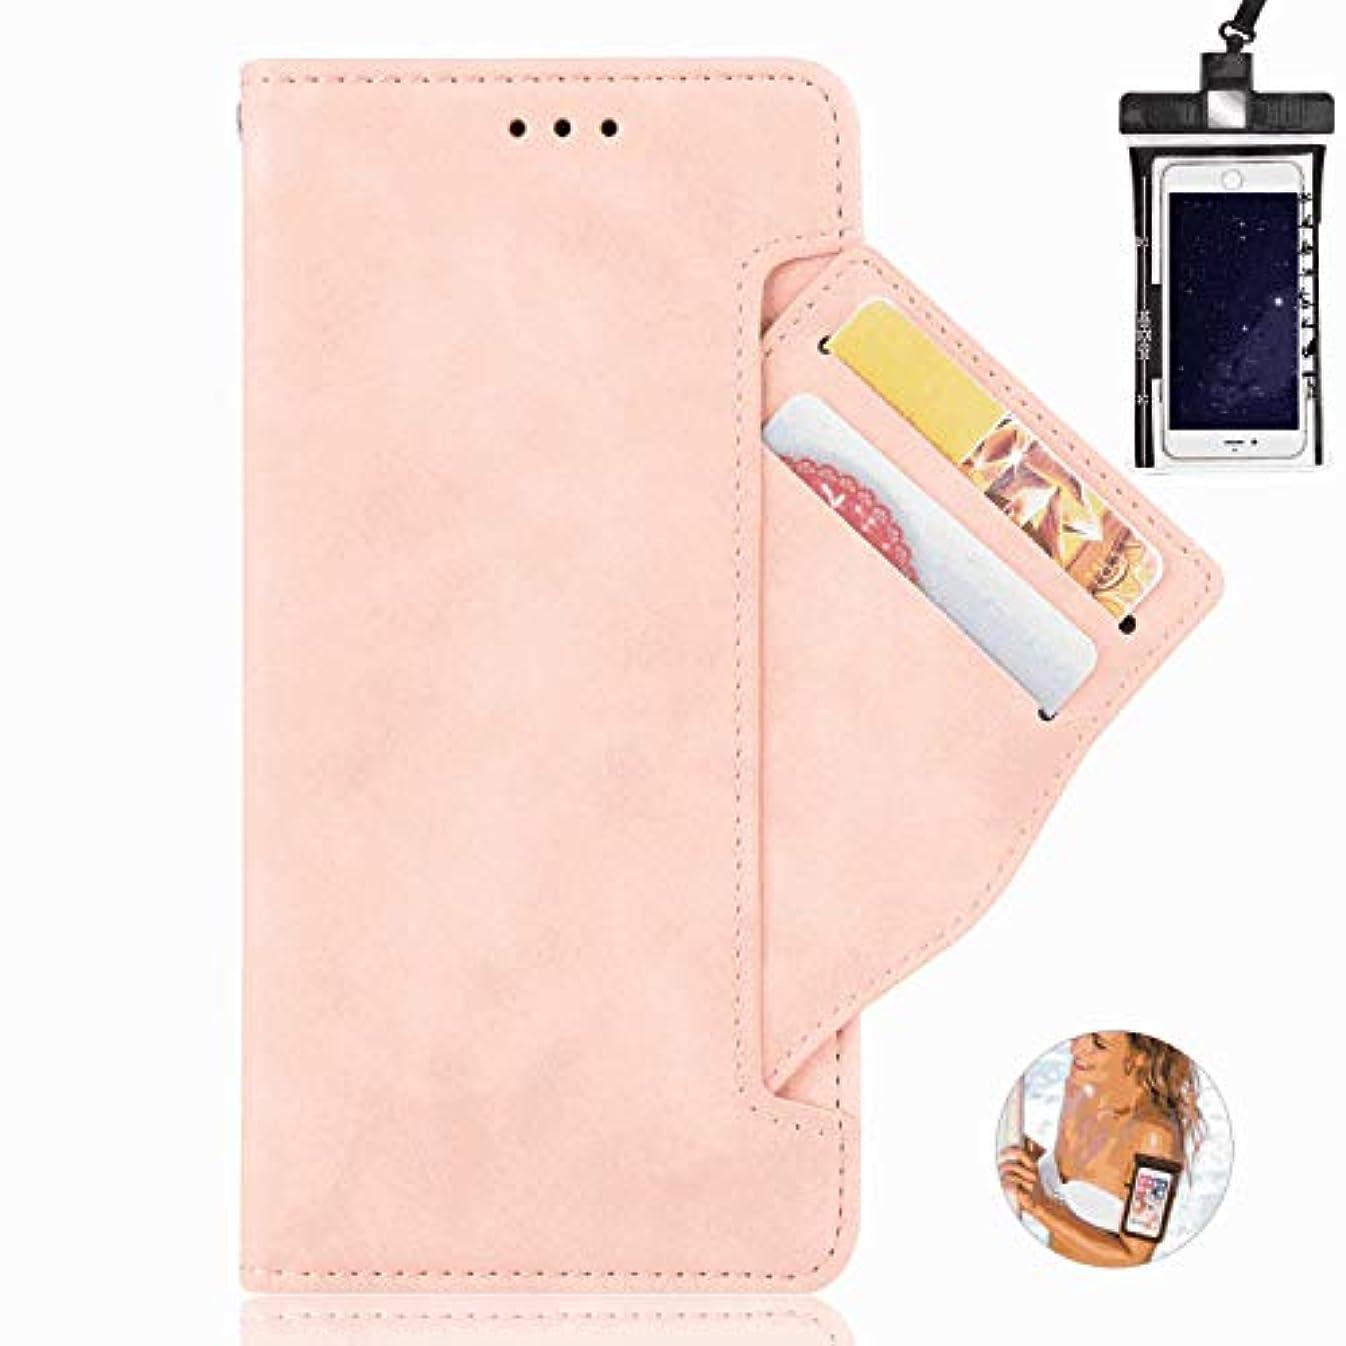 ウルル早熟成長する耐摩擦 手帳型 手帳型 アイフォン iPhone 11 Pro ケース 本革 レザー スマホケース カバー 財布型 耐汚れ 無料付防水ポーチ